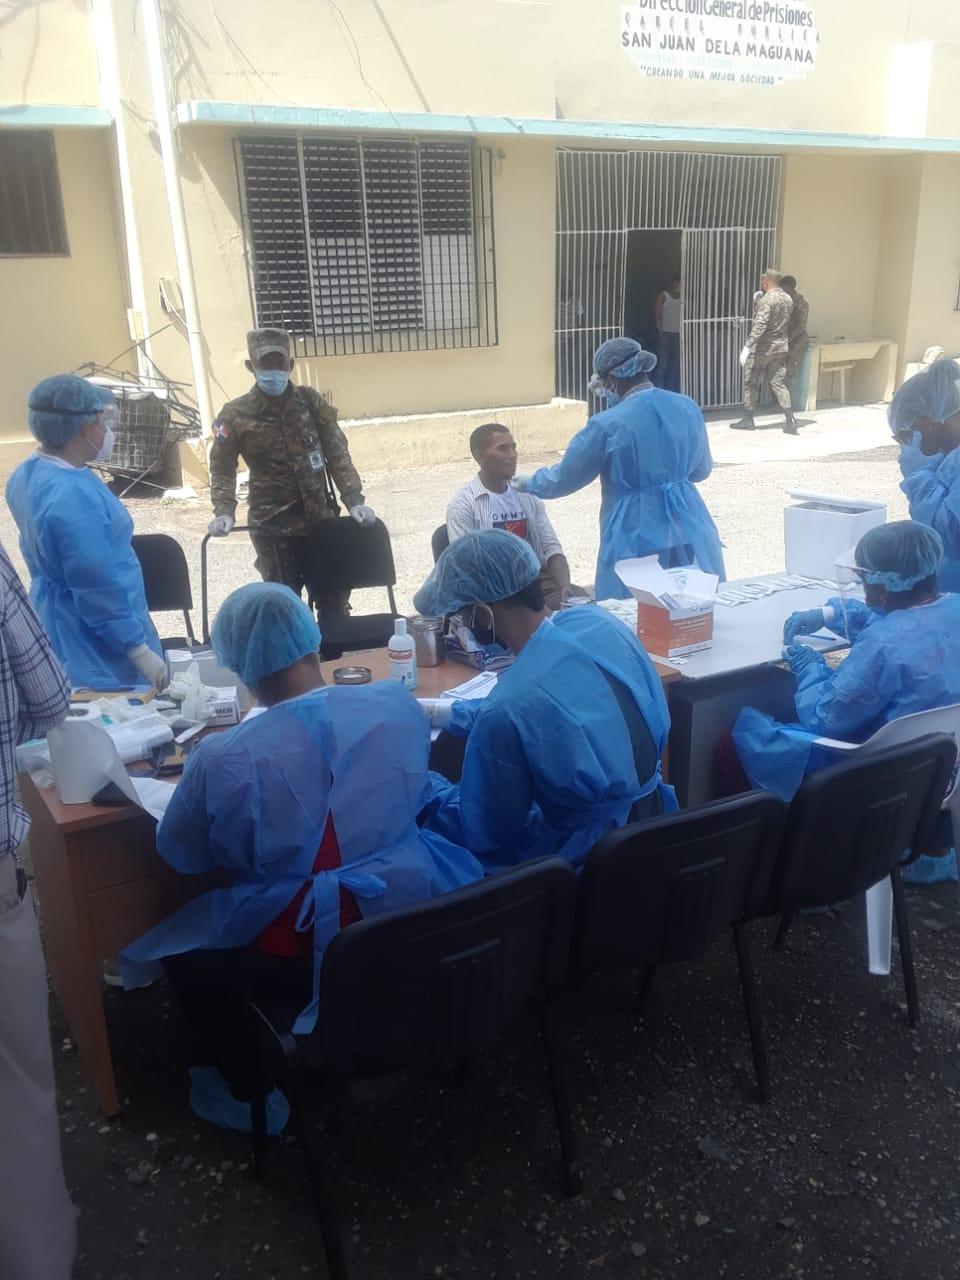 Procuraduría aplica 171 pruebas para detección COVID-19 a internos cárcel  pública de San Juan | Procuraduría General de la República Dominicana